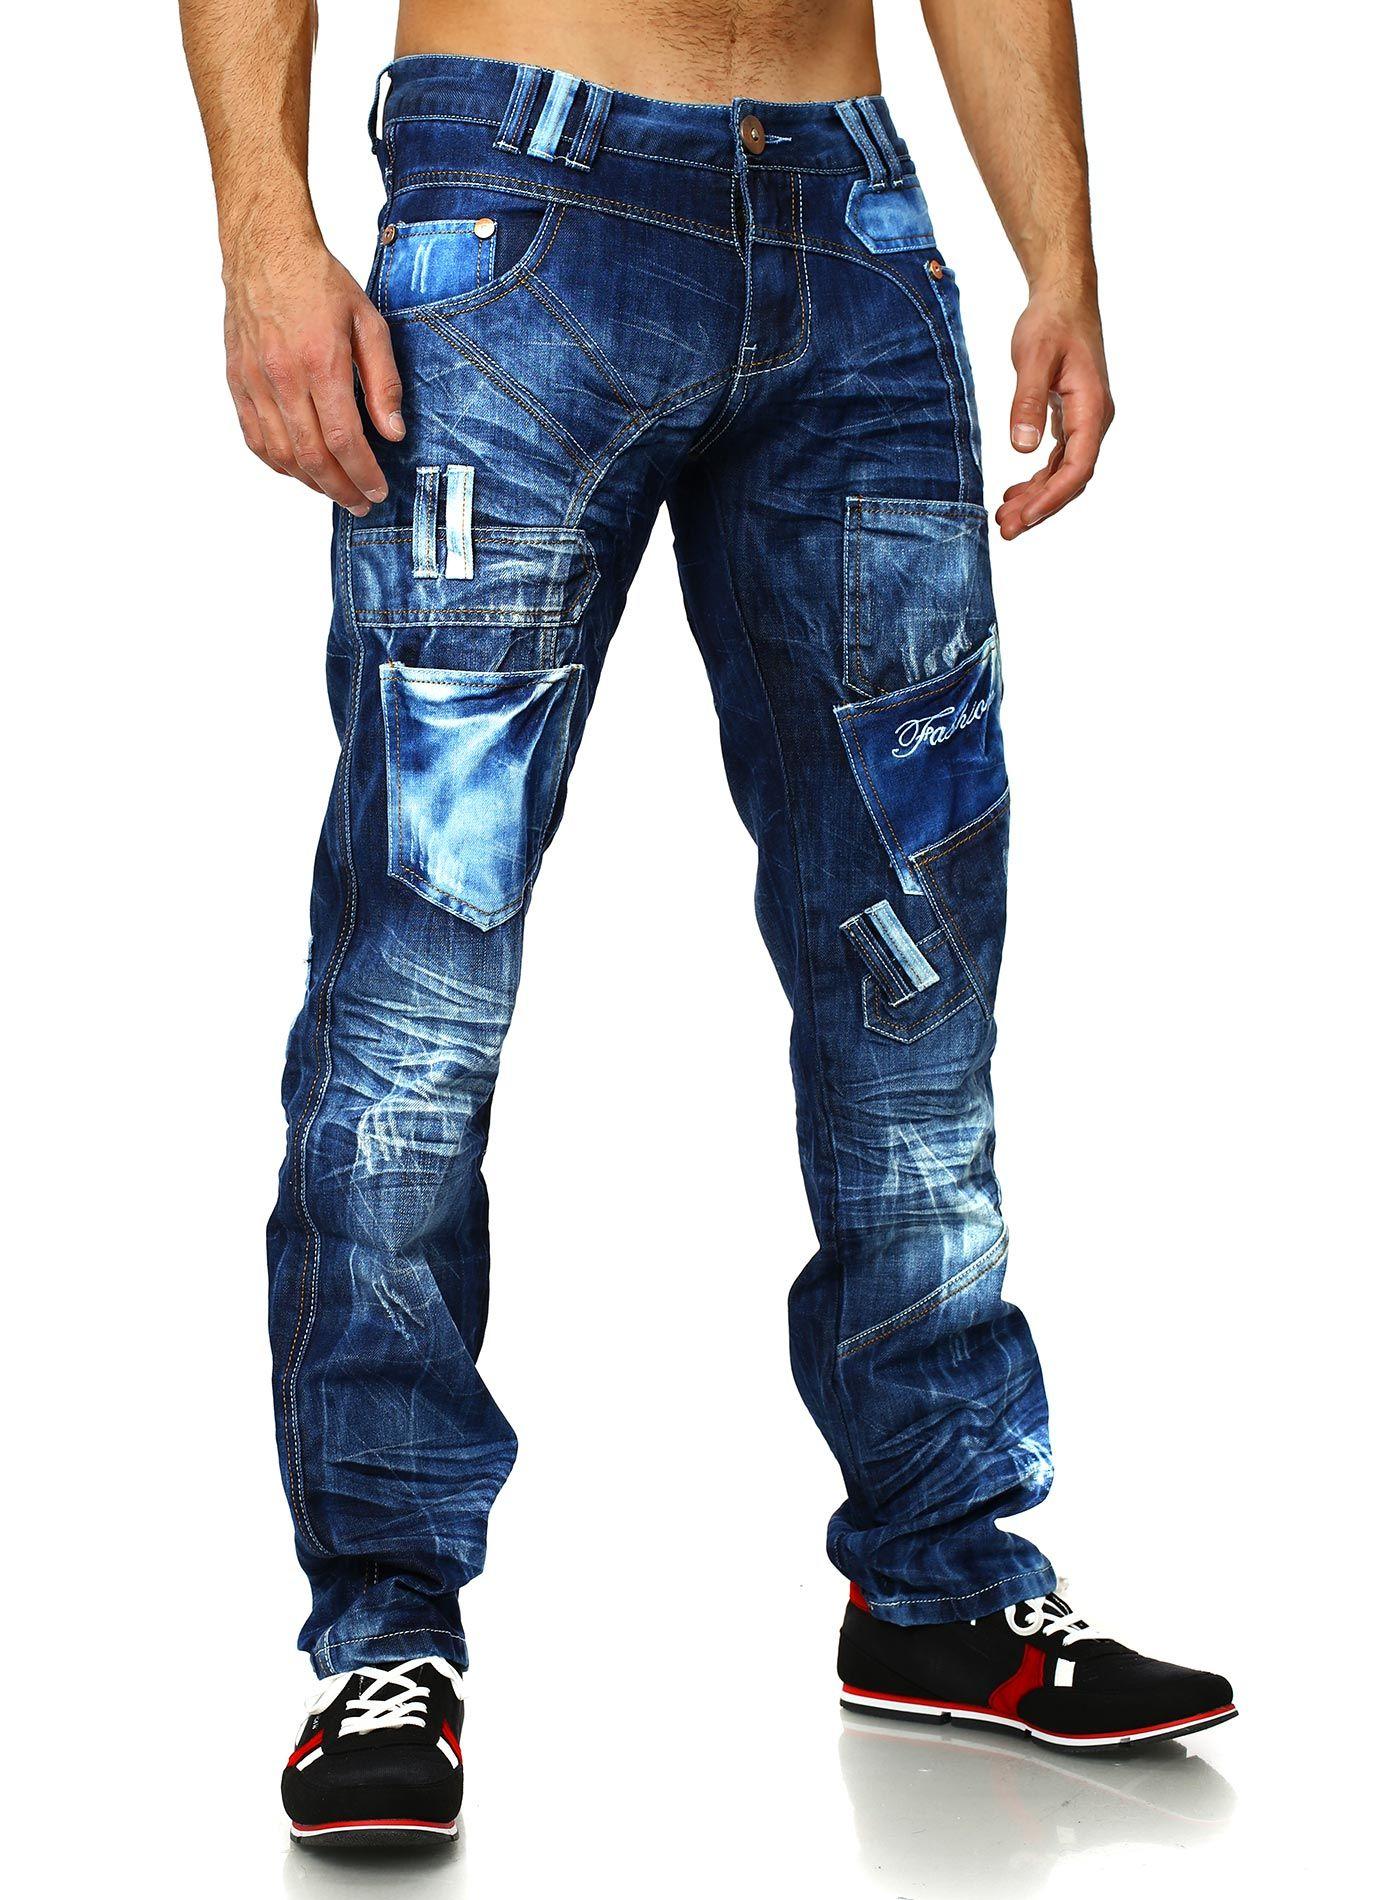 Jeans herren 2016